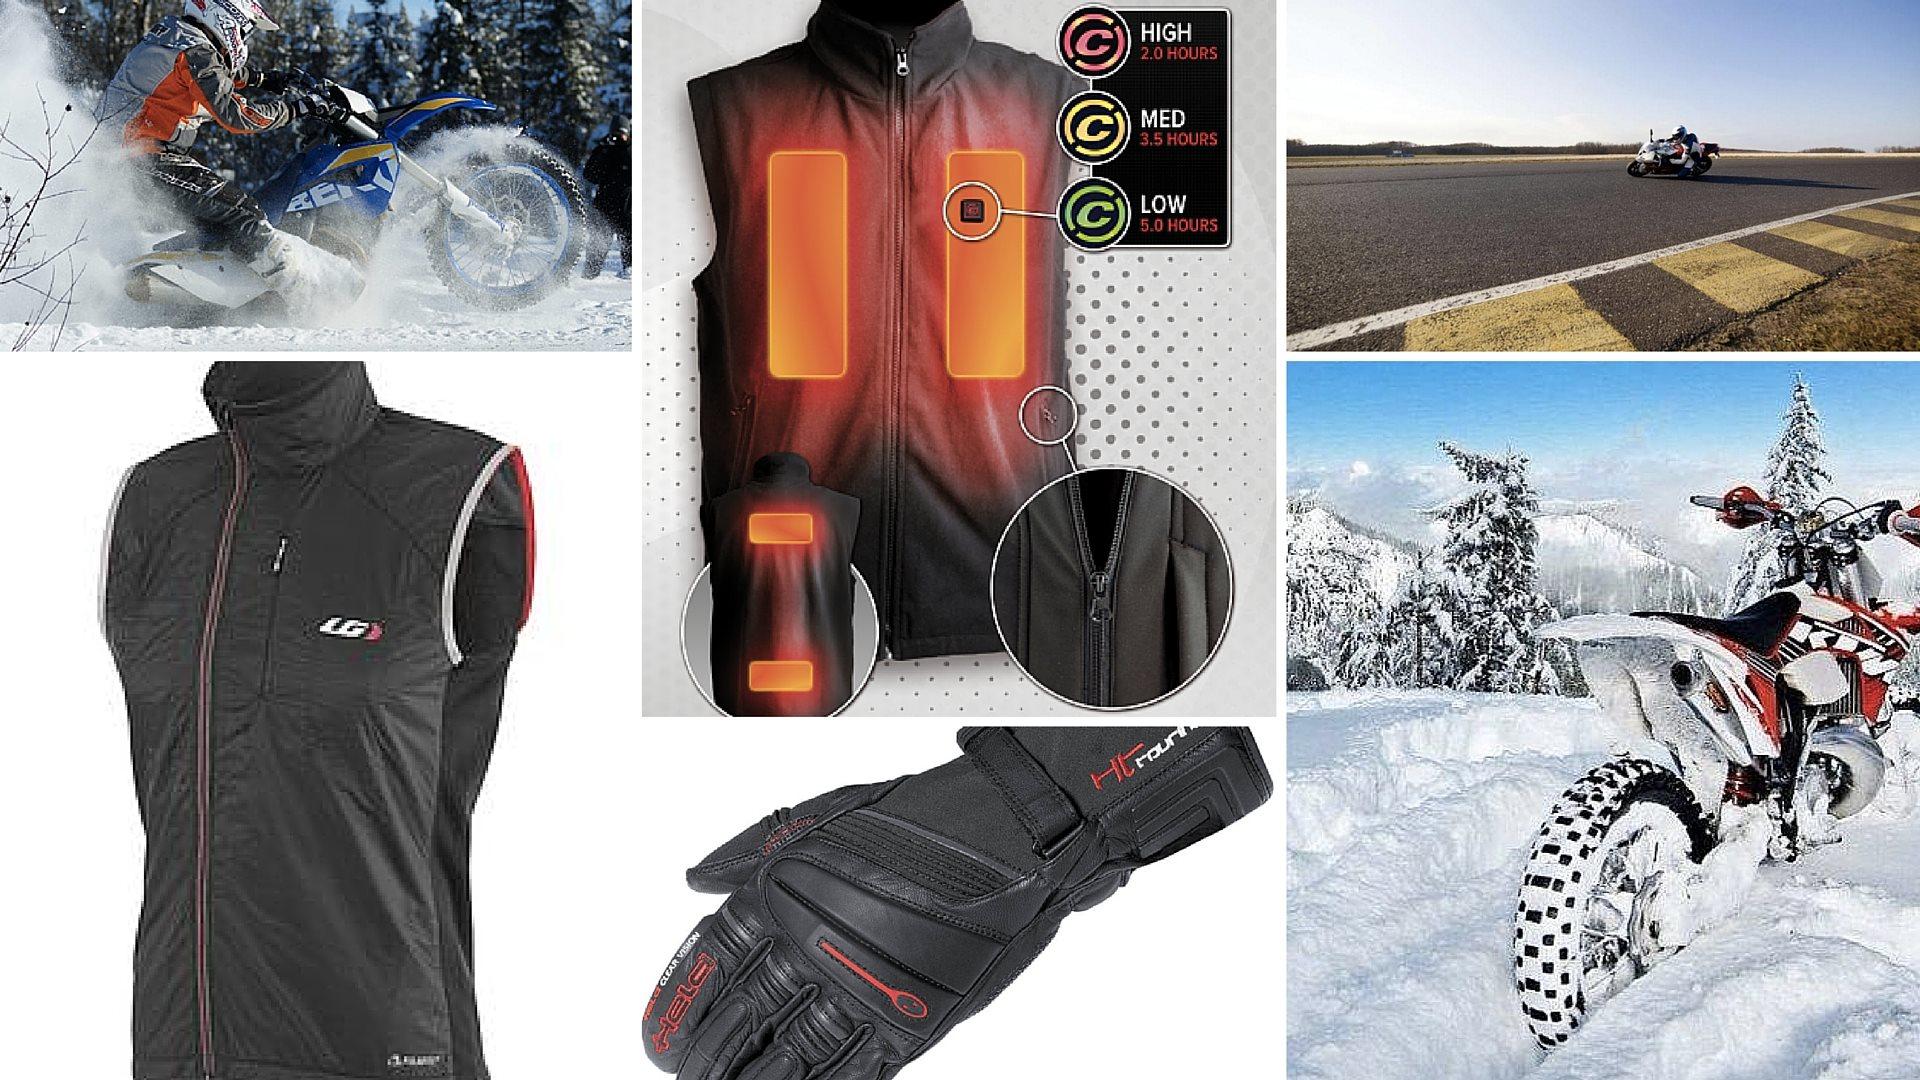 motorradbekleidung im winter tipps f r die kalte. Black Bedroom Furniture Sets. Home Design Ideas